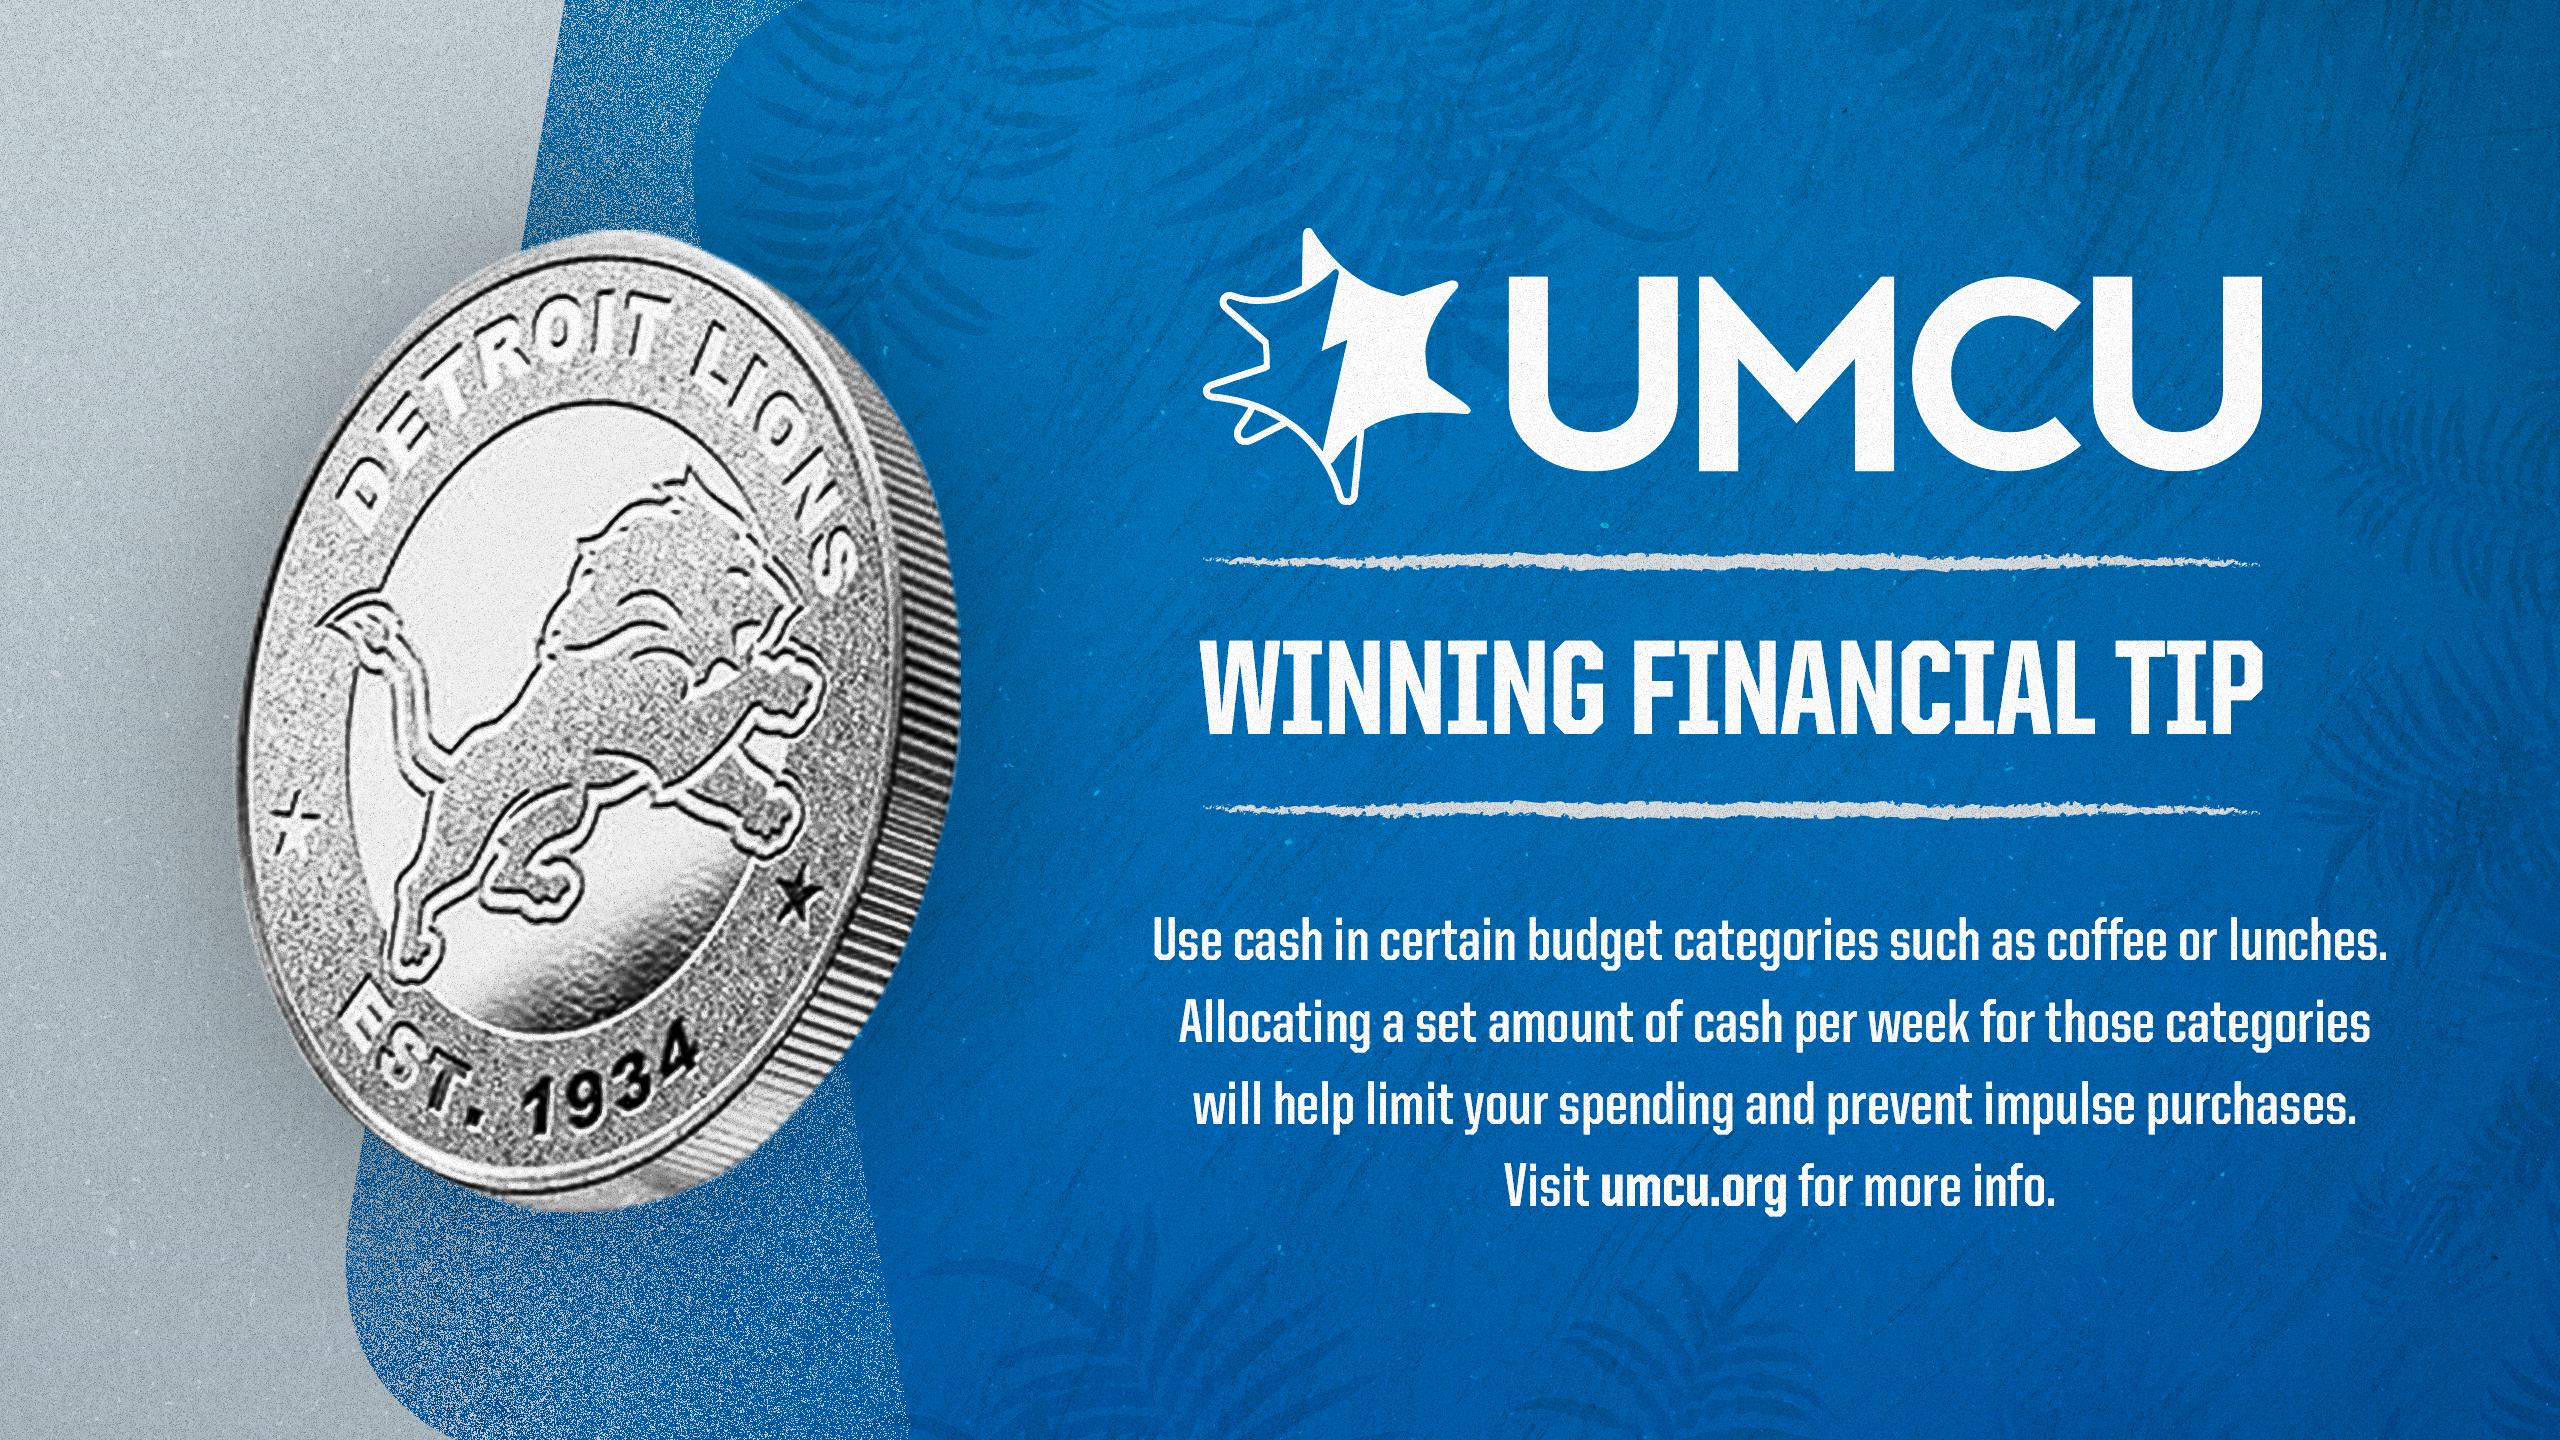 Week 1 - UMCU Financial Tip